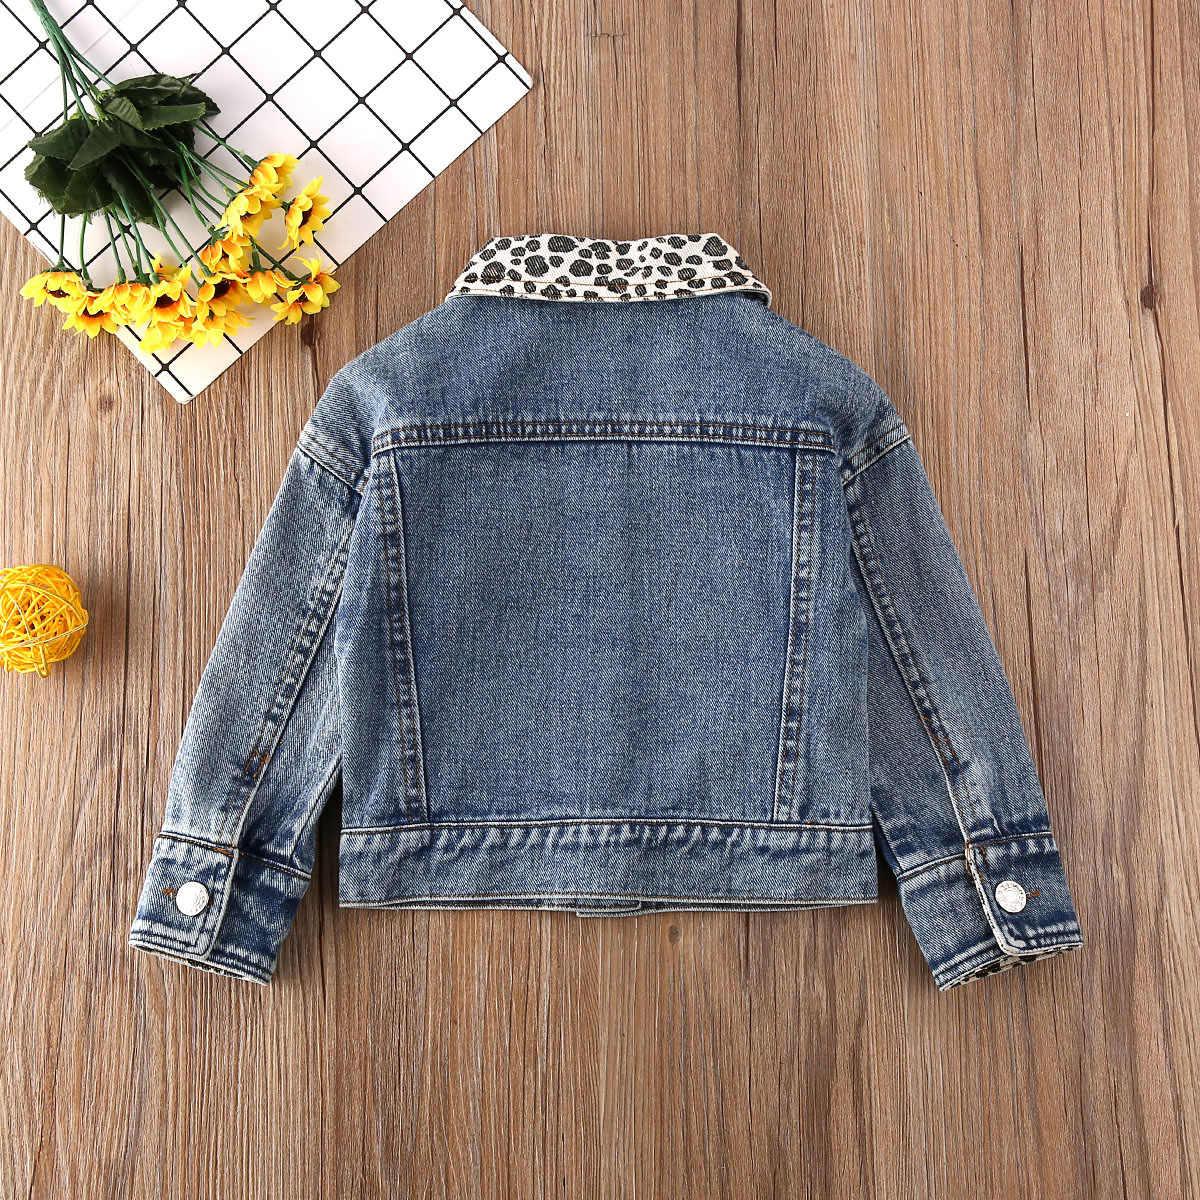 2020 תינוק אביב סתיו בגדי מעיל תינוקת נמר דנים ילדי מעיל חם ילדי הלבשה עליונה ארוך שרוול אופנה מעיל 9 m-5 T